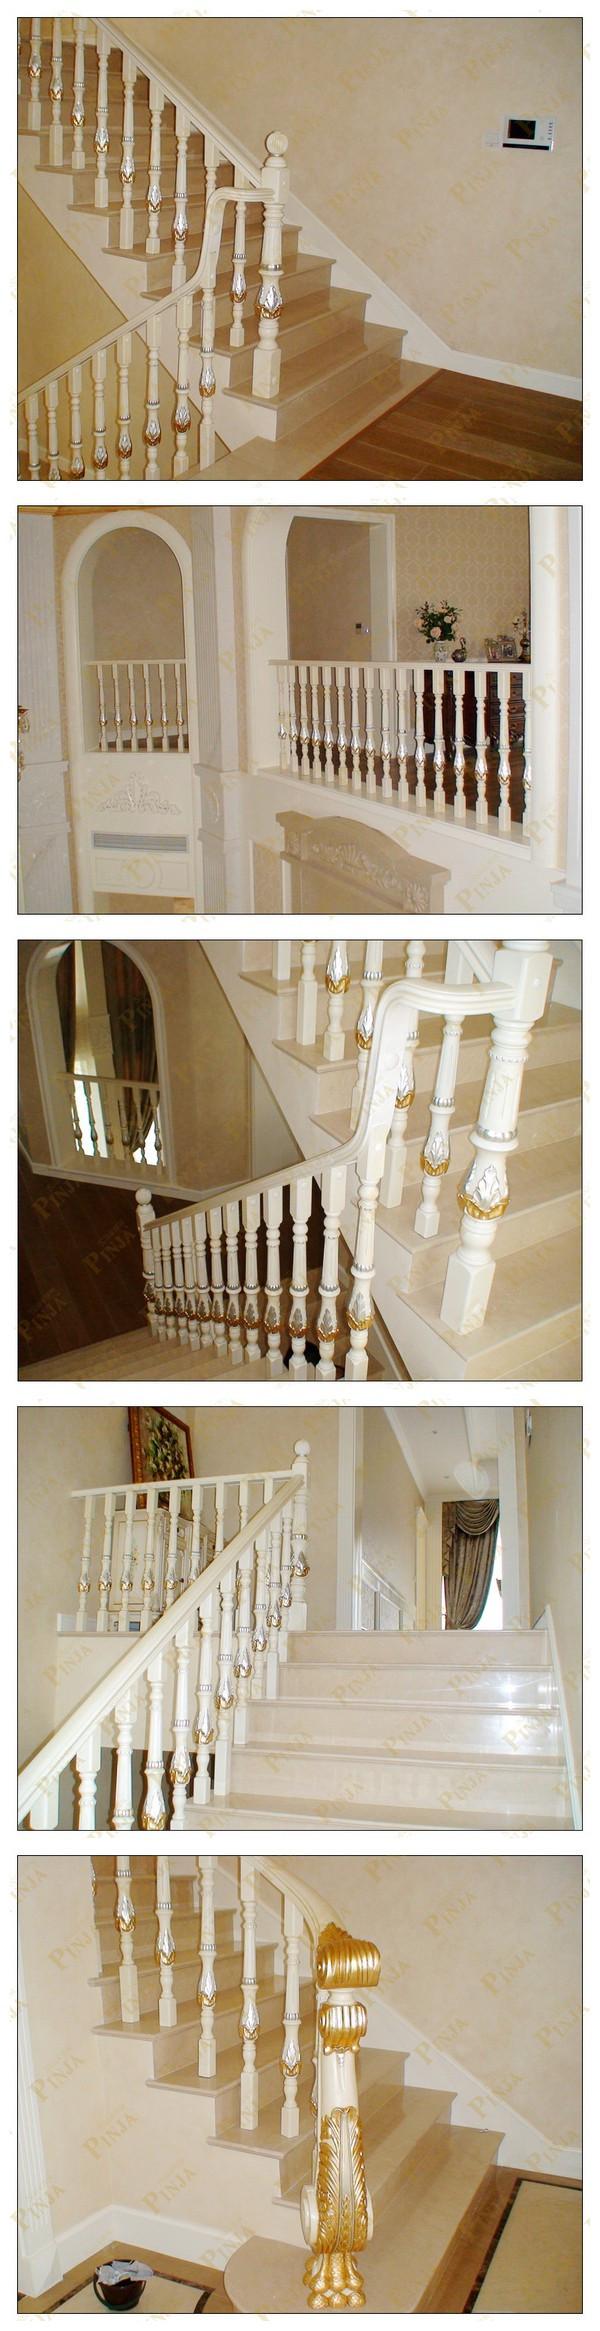 大理石实木楼梯设计全实木吊脚梯中式回廊花式楼梯